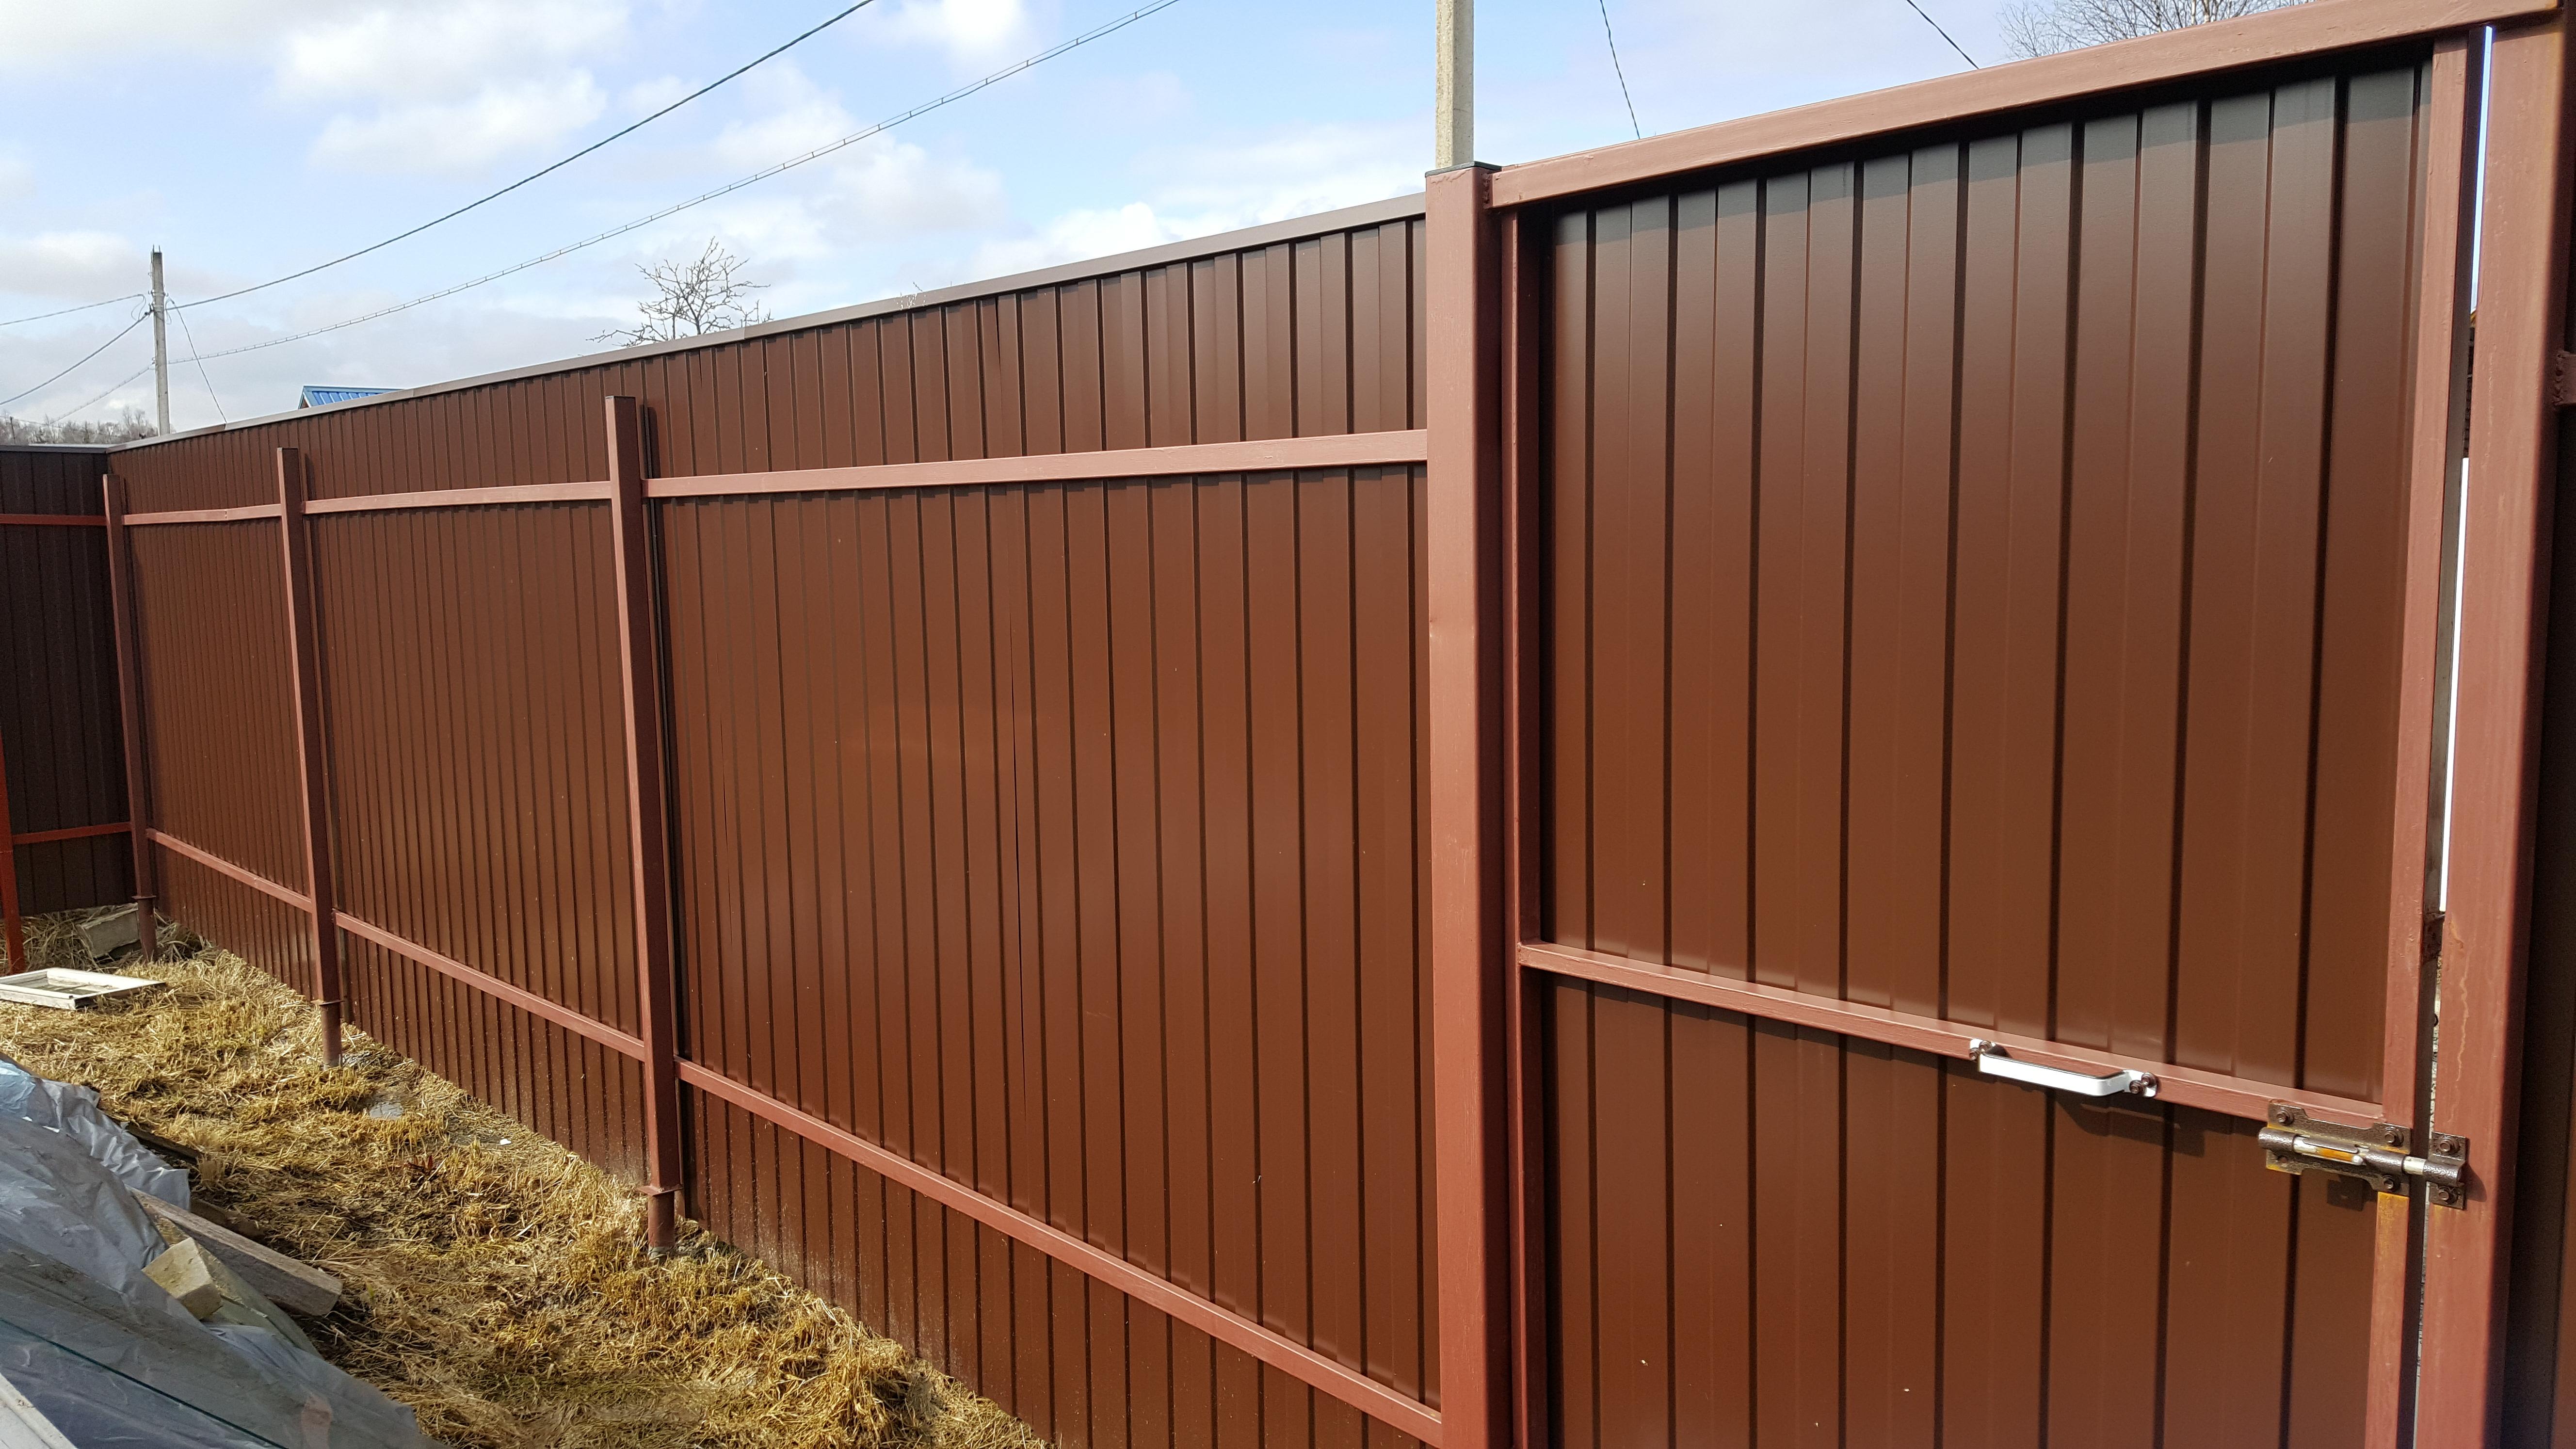 Забор из профнастила с двухсторонним полимерным покрытием RAL 3005 6005 8017 на 3-х и 4-х металлических лагах: Столбы 60*60*2 в Москве и области